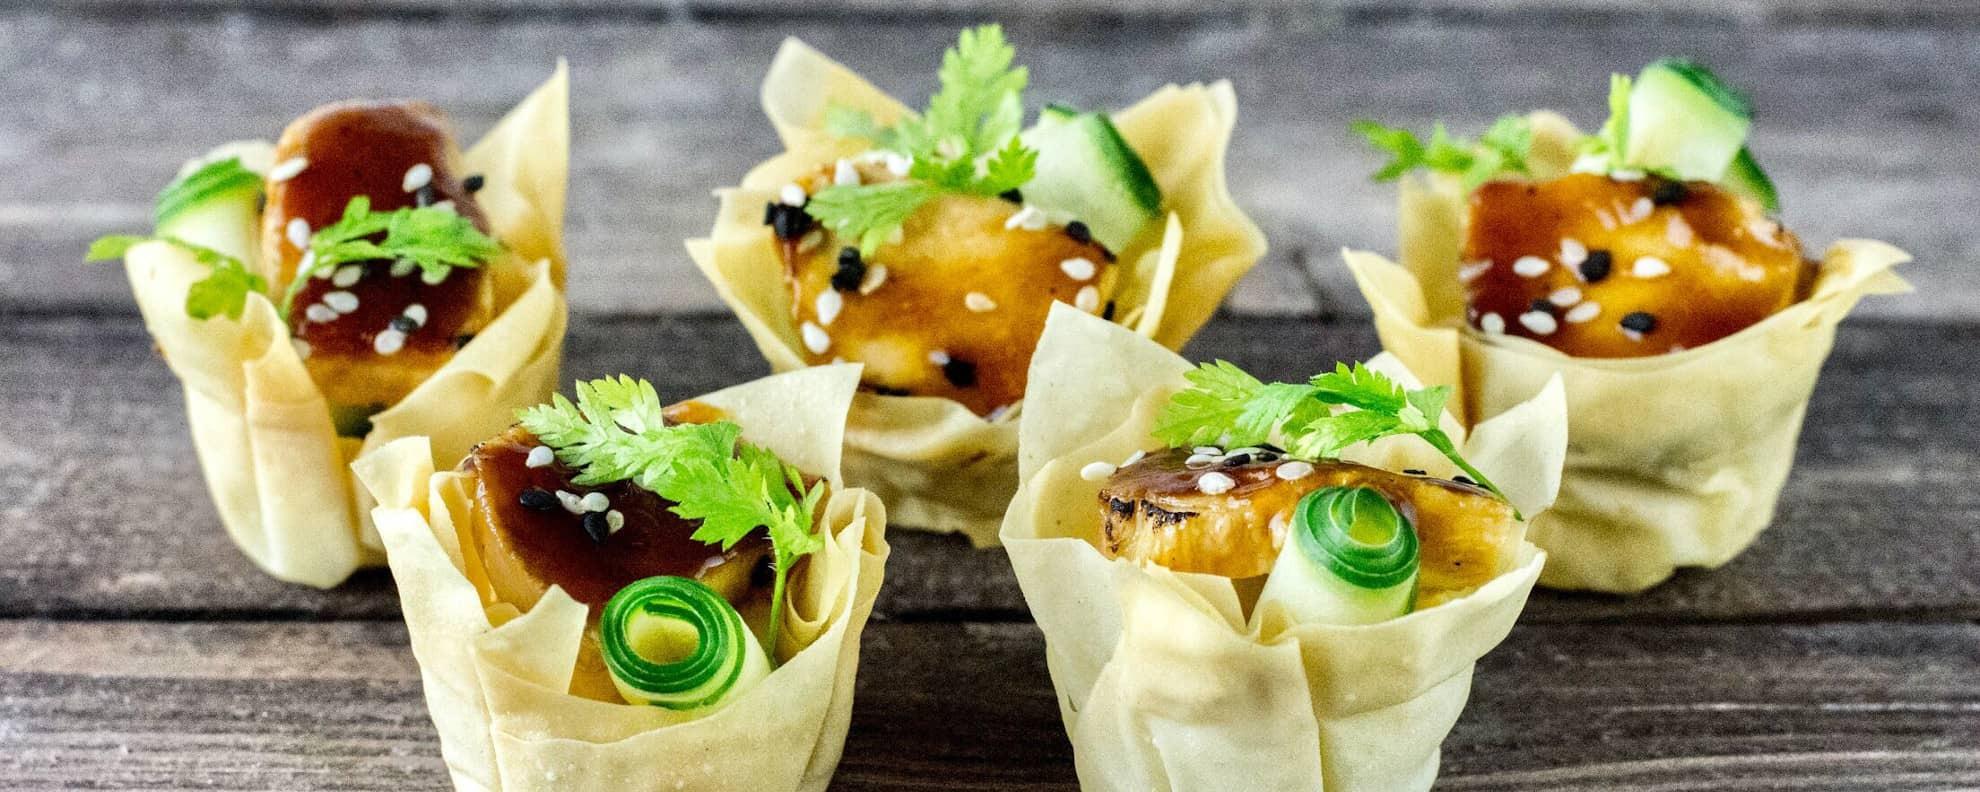 Einfaches und leckeres Fingerfood für deine nächste Homeparty